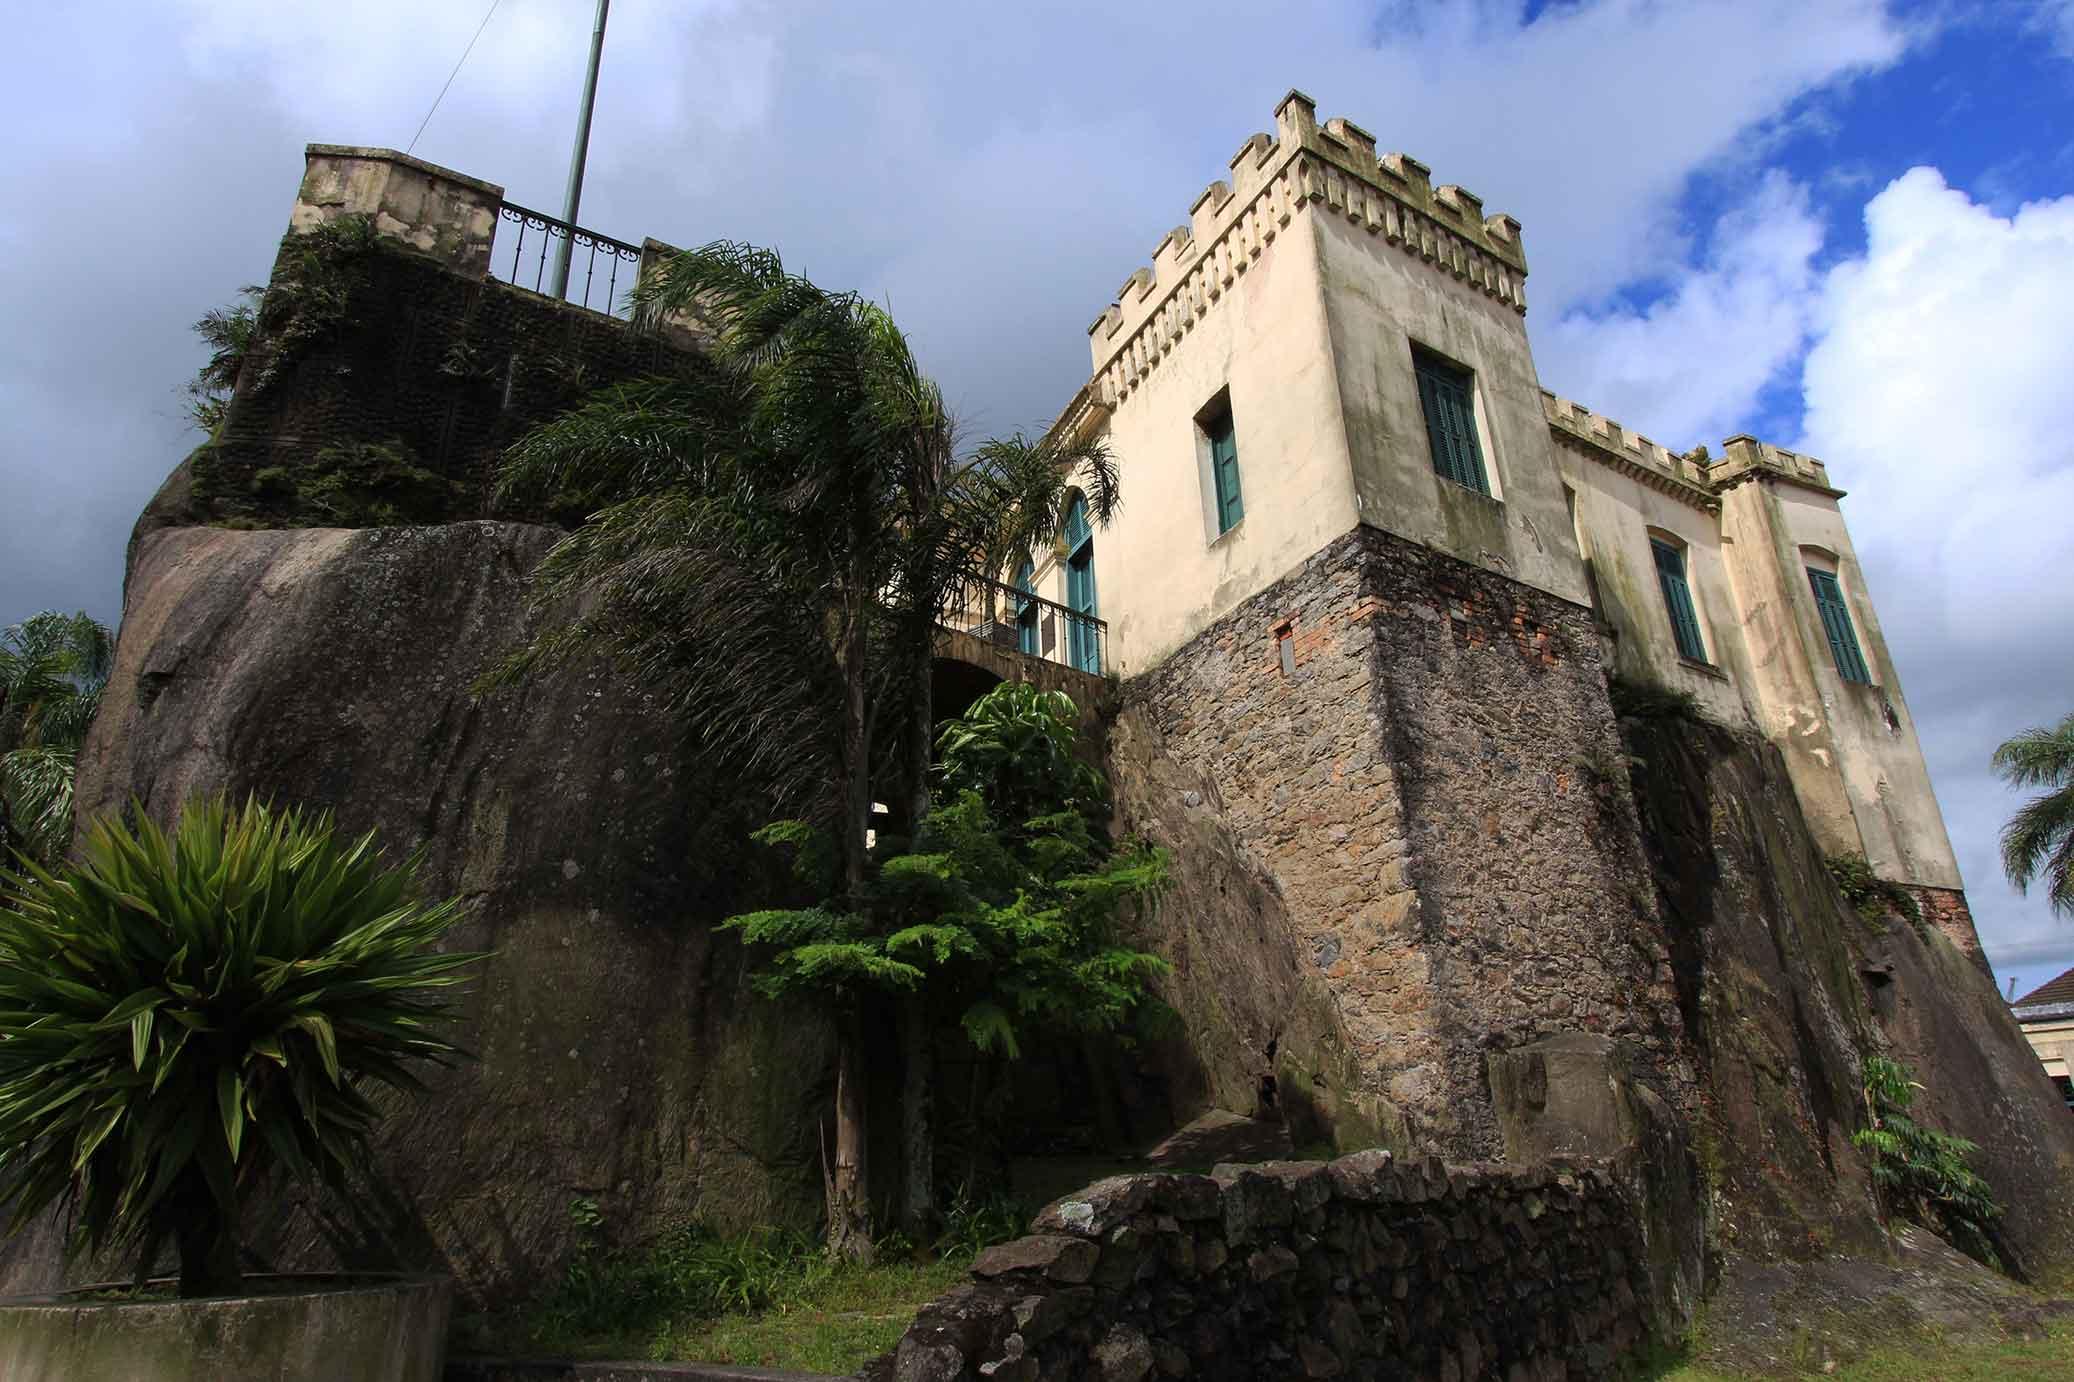 Santos - Outeiro de Santa Catharina